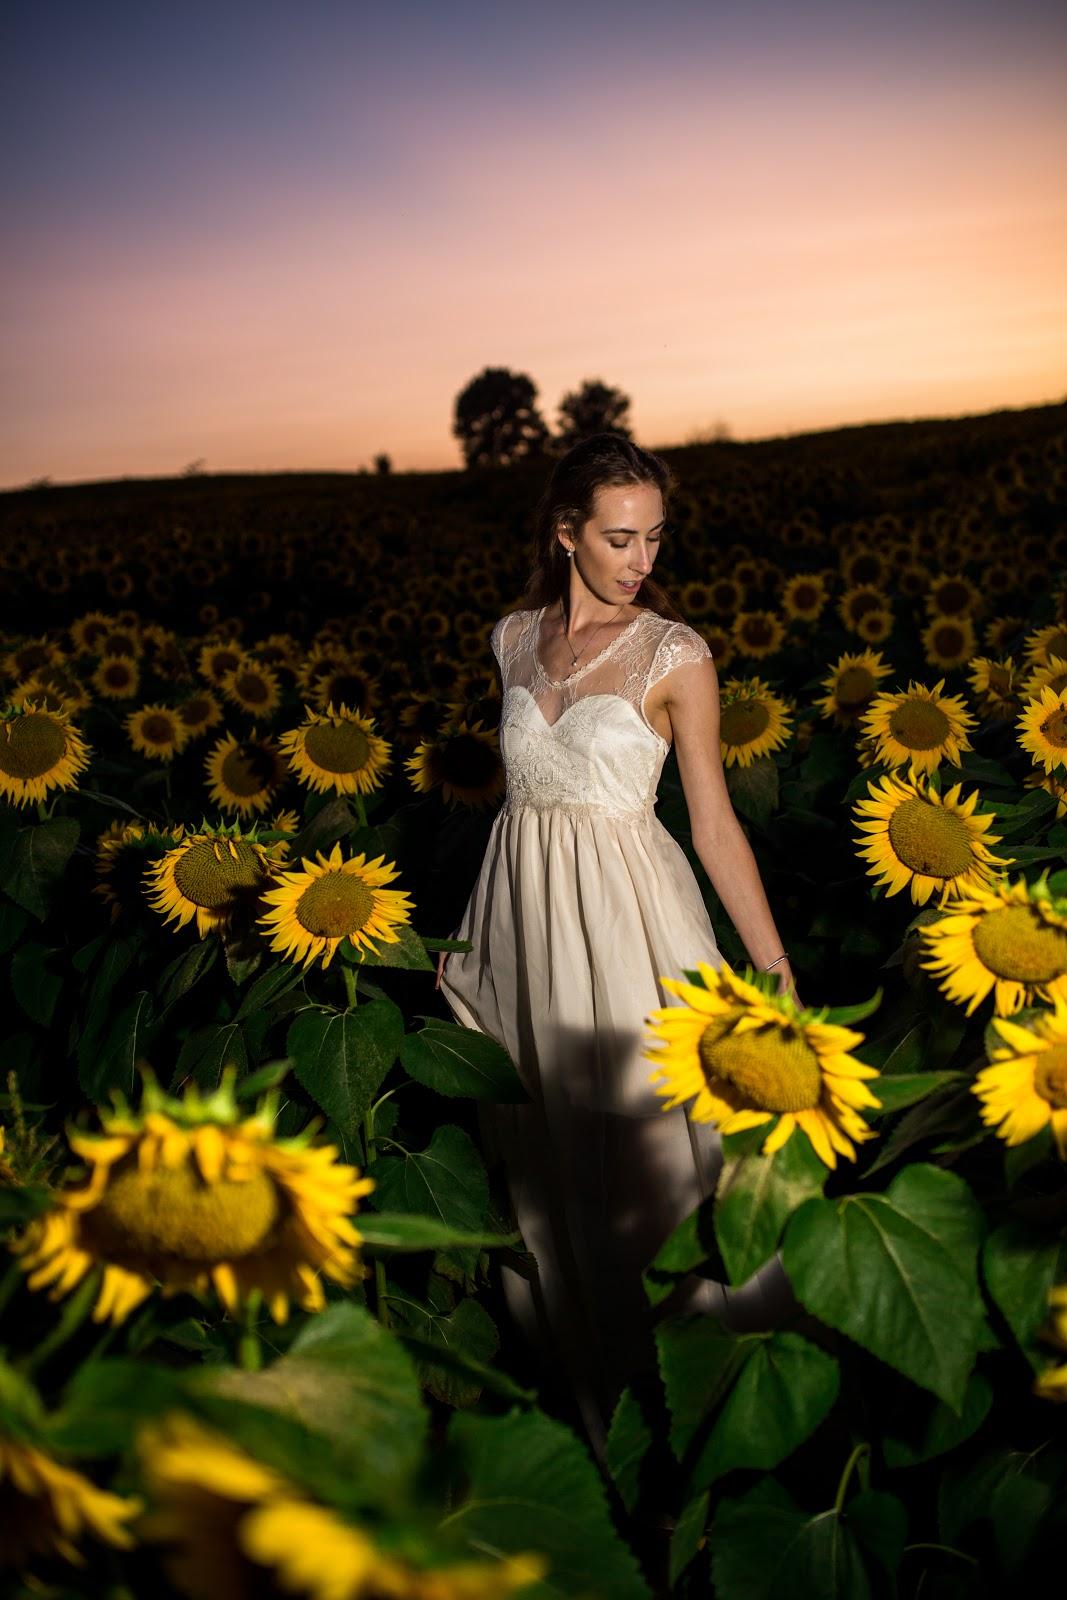 Morgan Pashen | Morgan ma Belle wedding dress in sunflower field